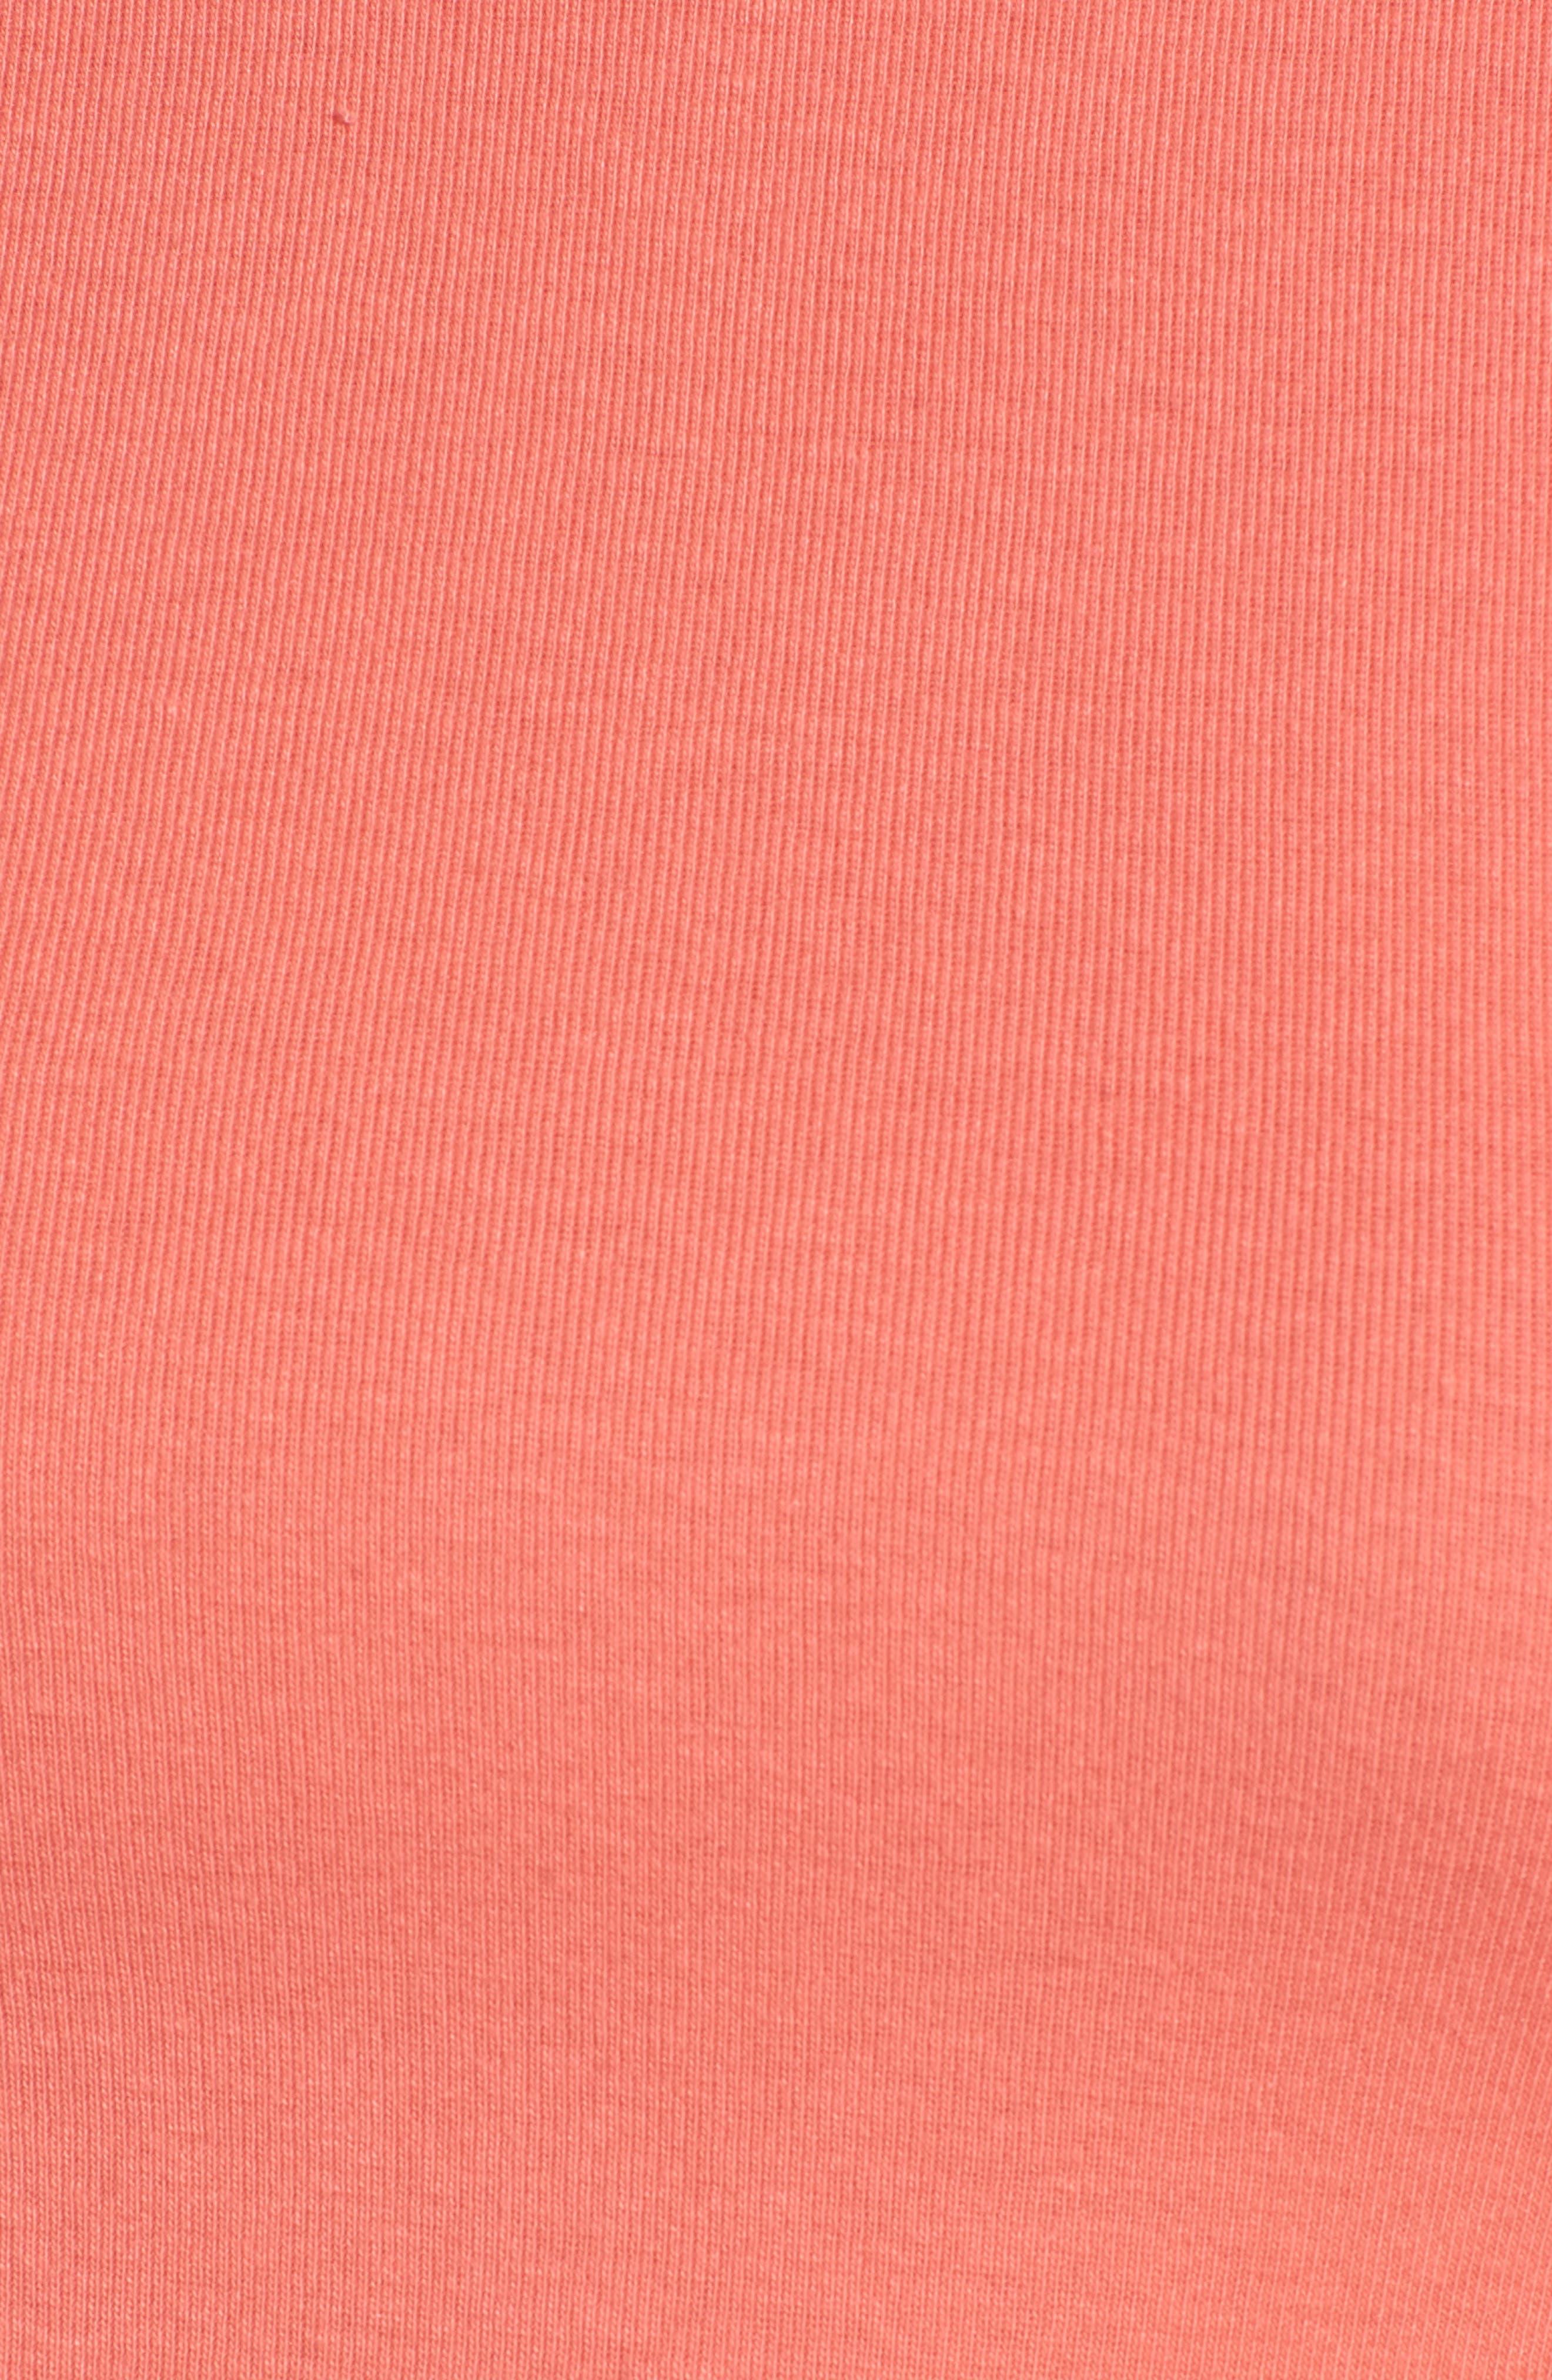 Crewneck Cotton Blend Top,                             Alternate thumbnail 6, color,                             Coral Sugar